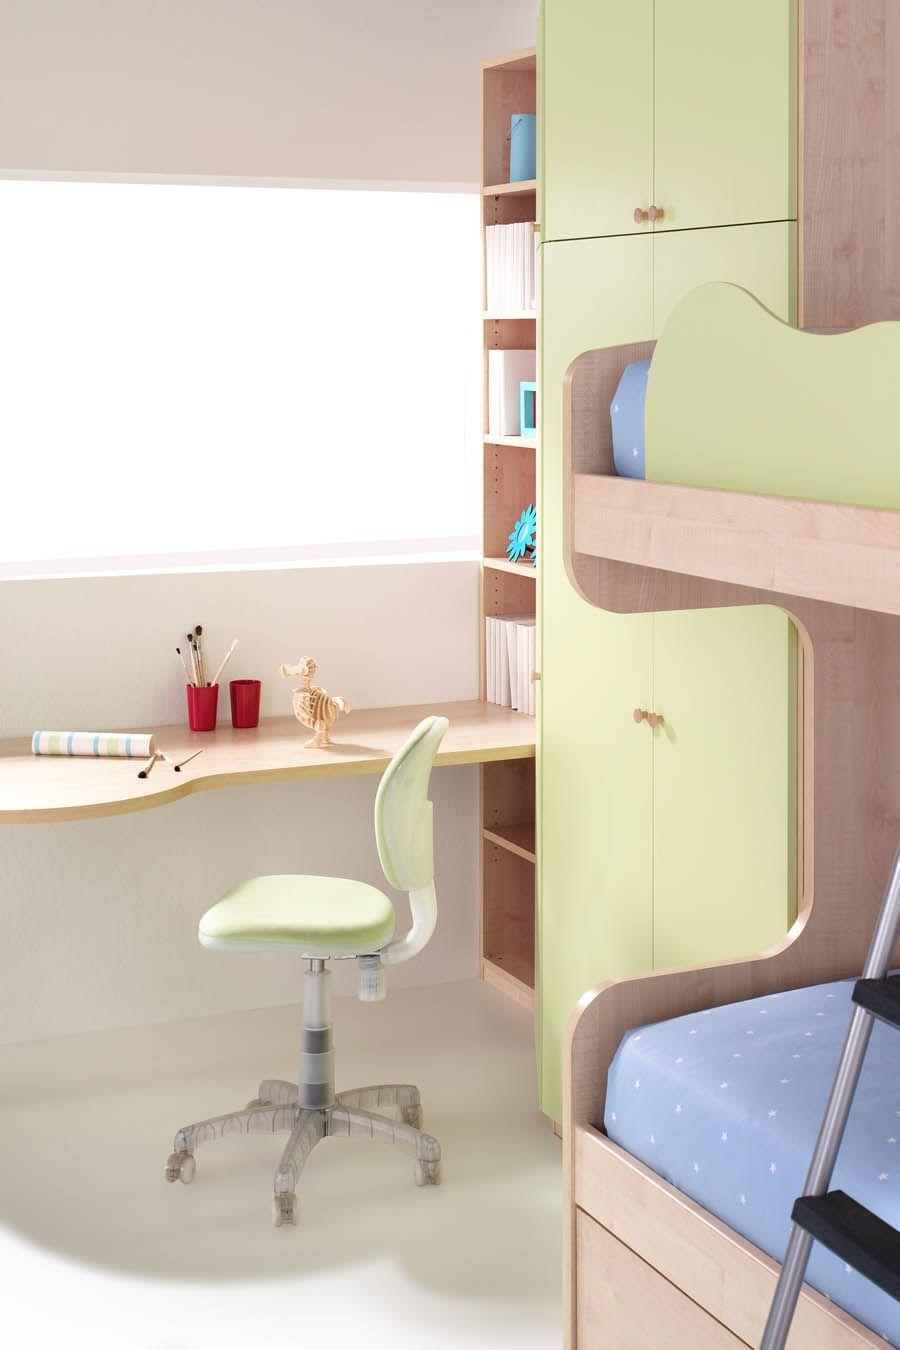 R86 - Litera con cama nido, armario y mesa de estudio - Facil Mobel, fábrica ...